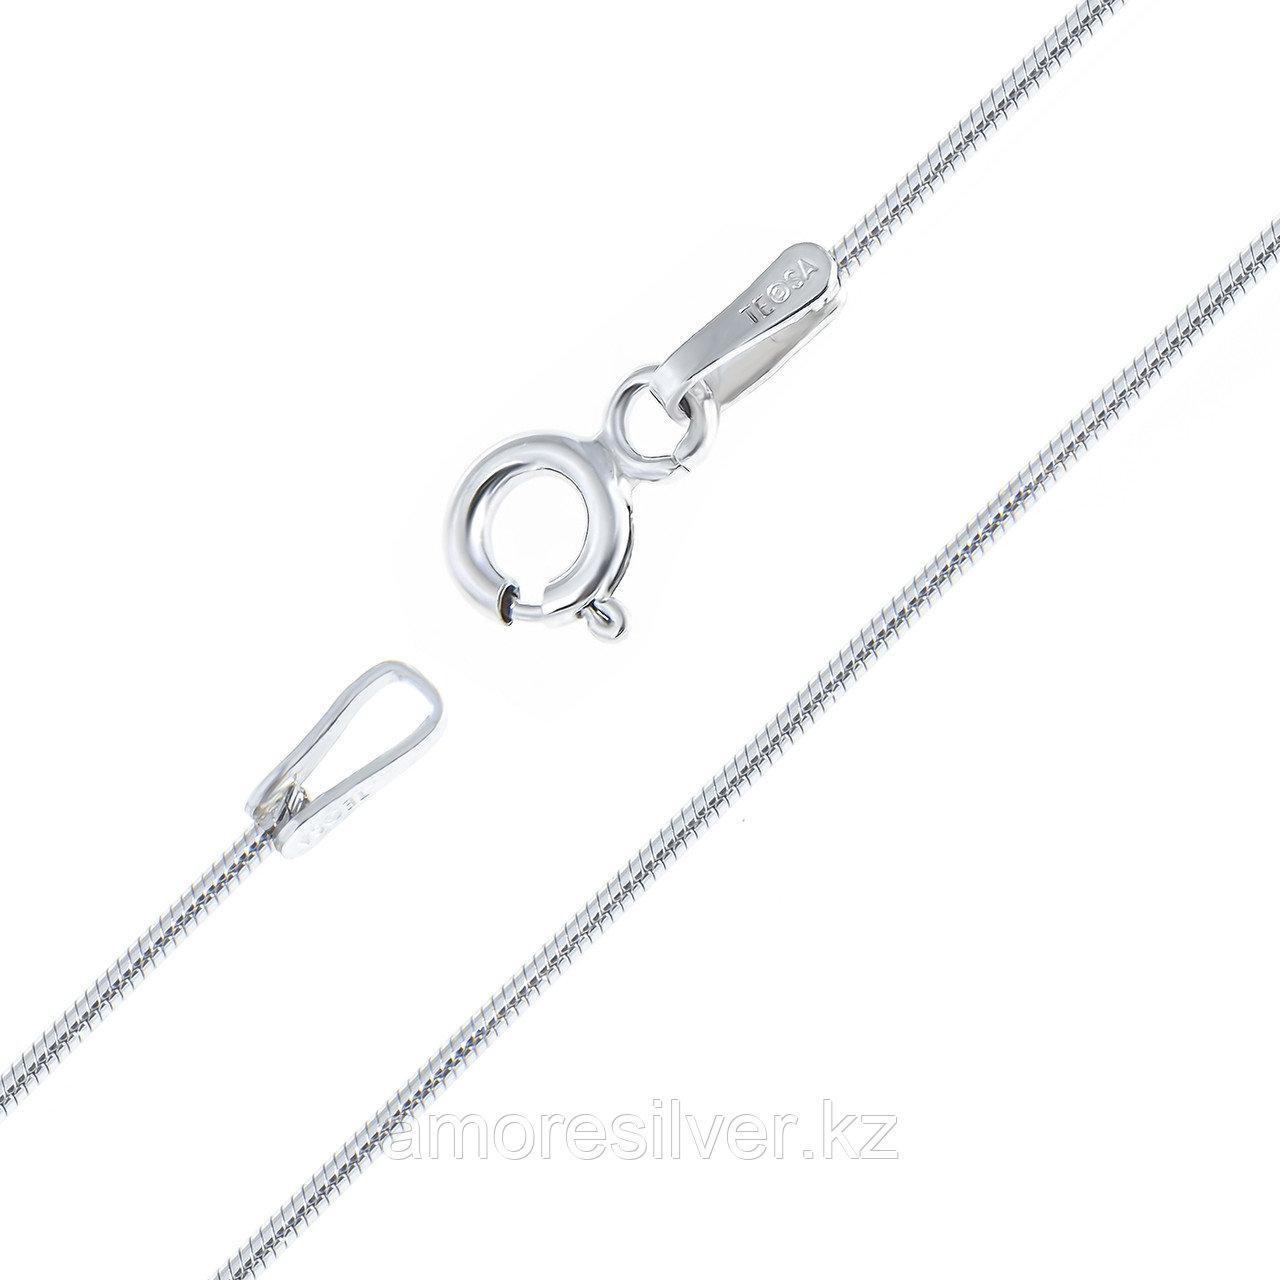 Цепь Teosa серебро с родием, без вставок, снейк круглый GROT-030-55 размеры - 55